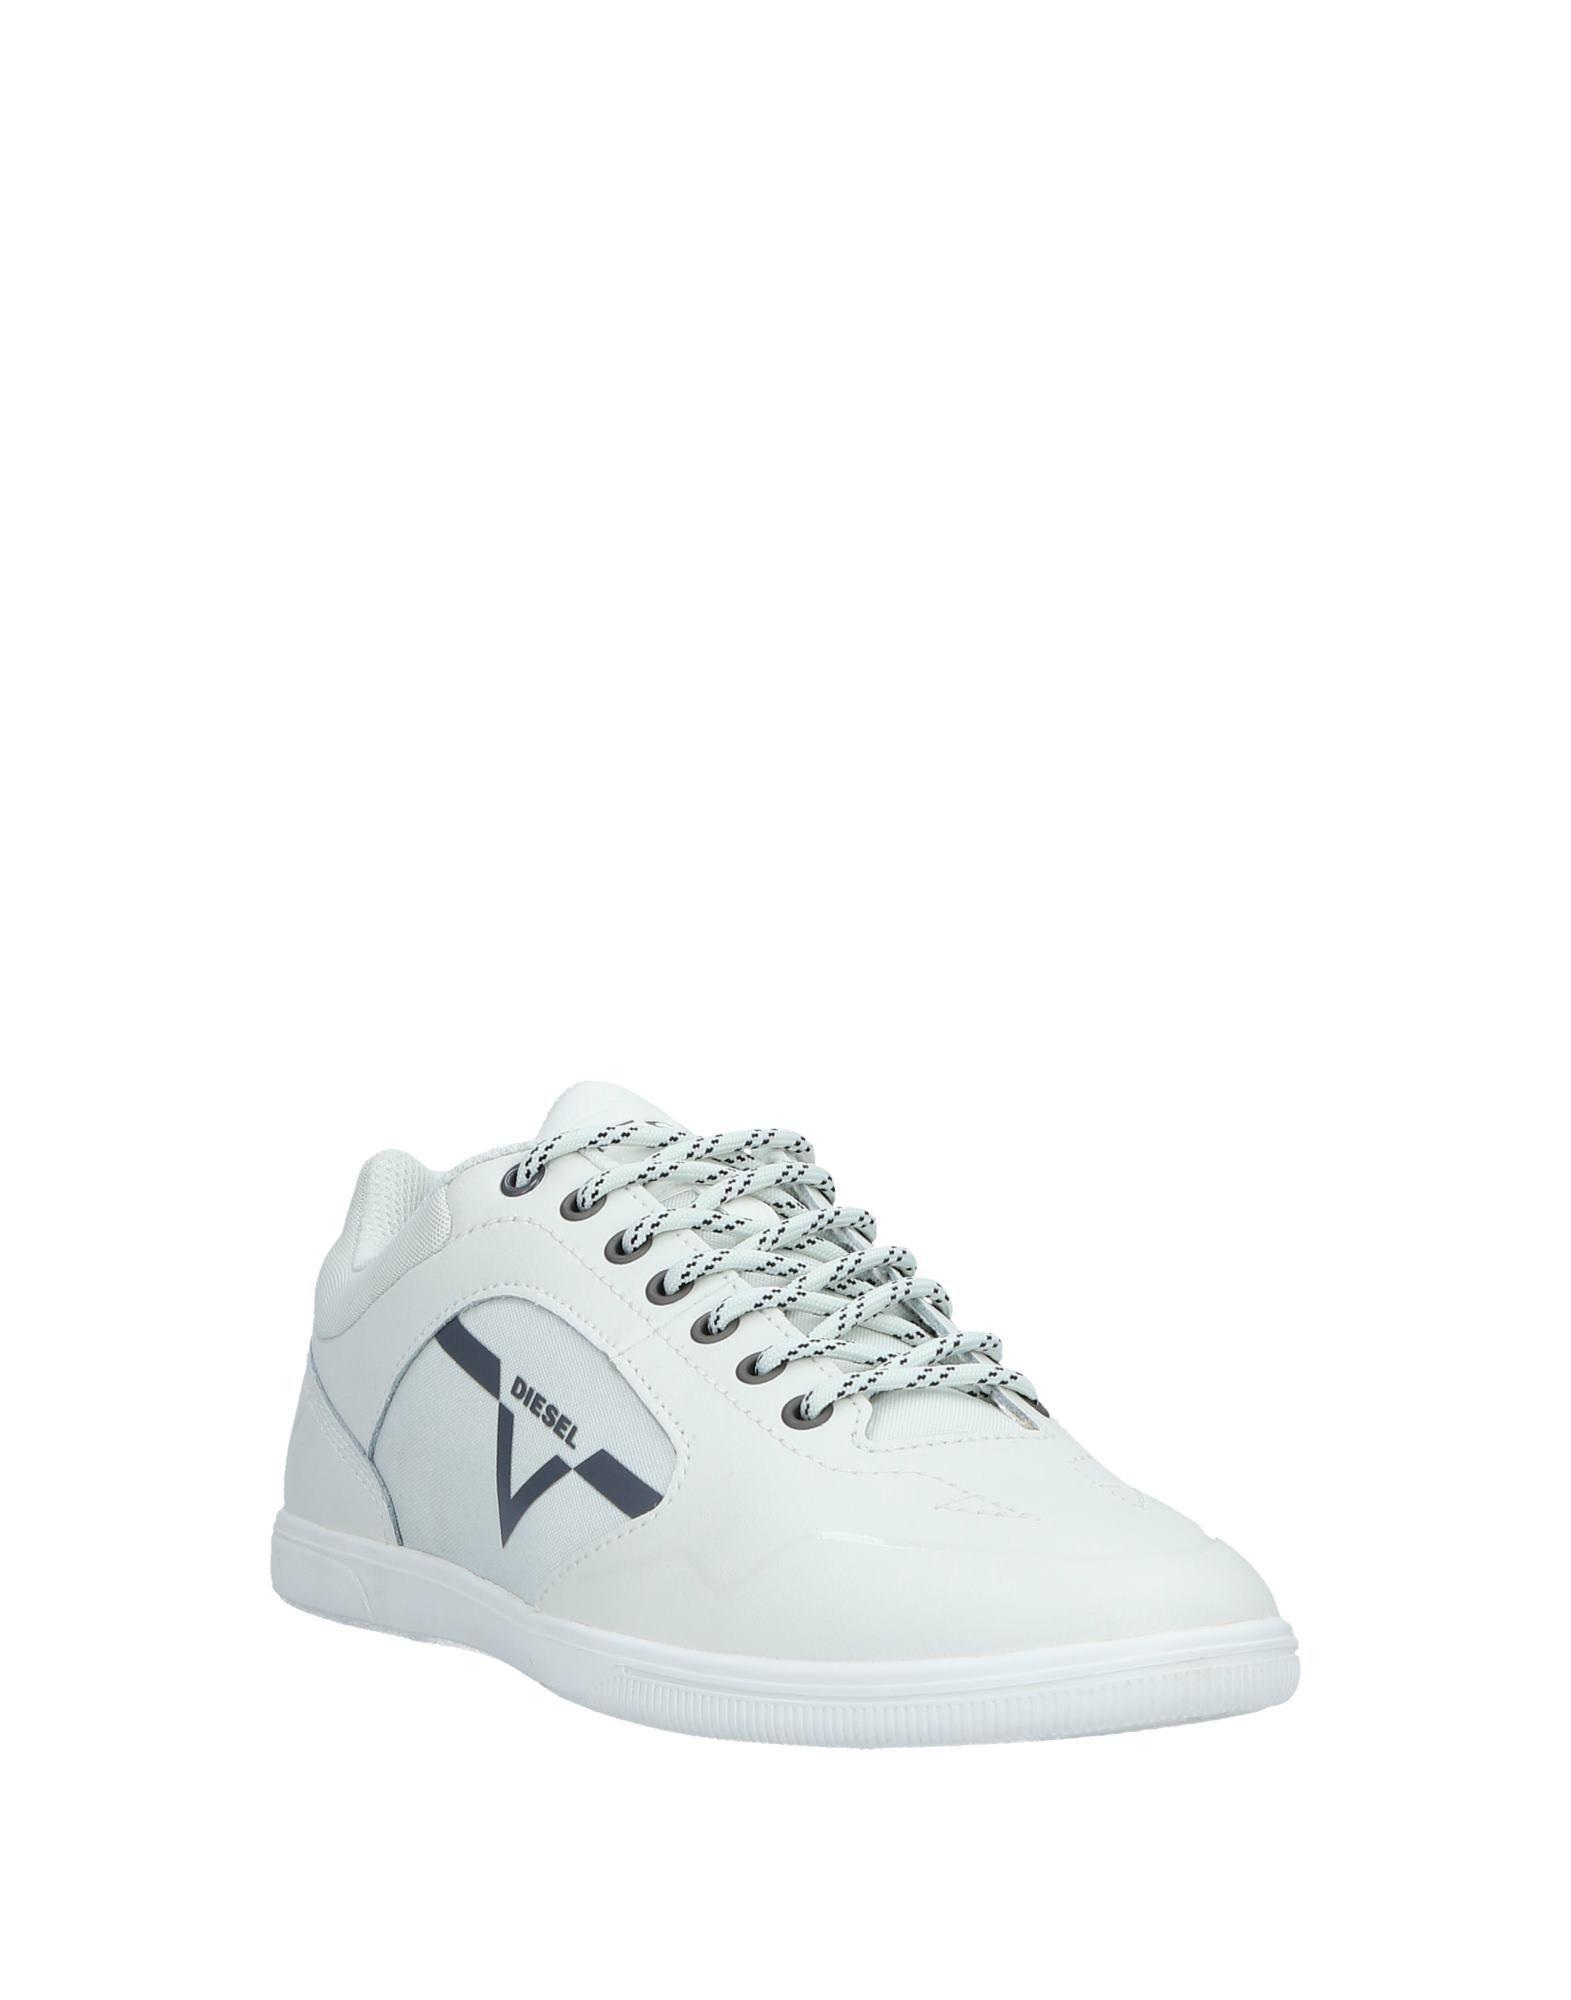 Rabatt echte Schuhe Schuhe echte Diesel Sneakers Herren  11534644UV 6951b6